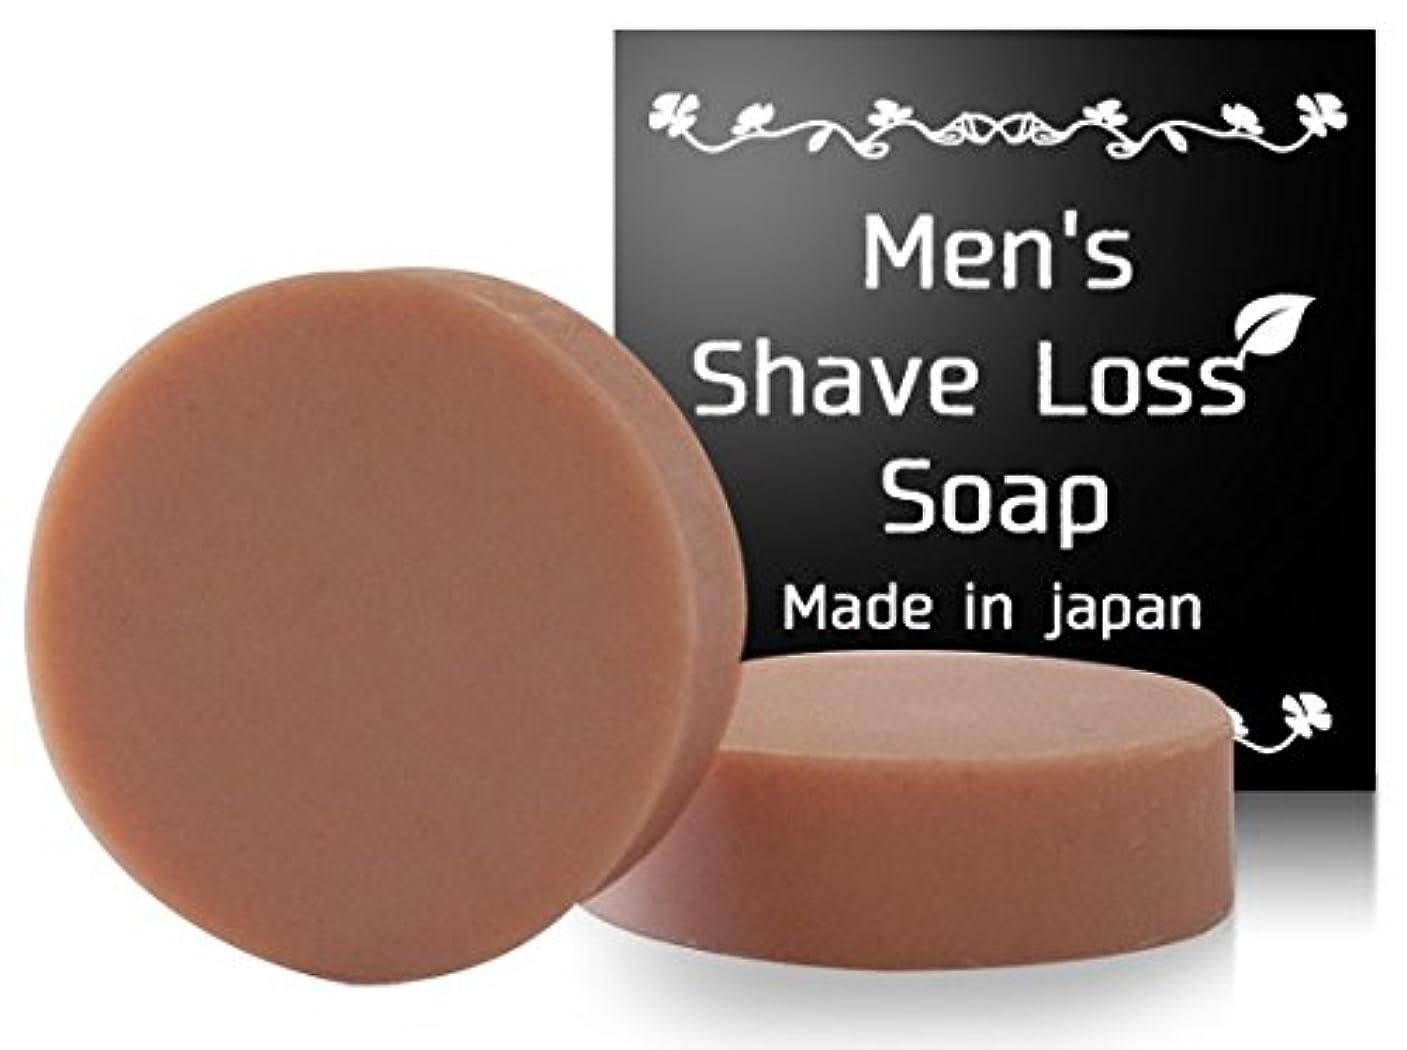 フェロー諸島やがて相談Mens Shave Loss Soap シェーブロス 剛毛は嫌!ツルツル過ぎも嫌! そんな夢を叶えた奇跡の石鹸! 【男性専用】(1個)